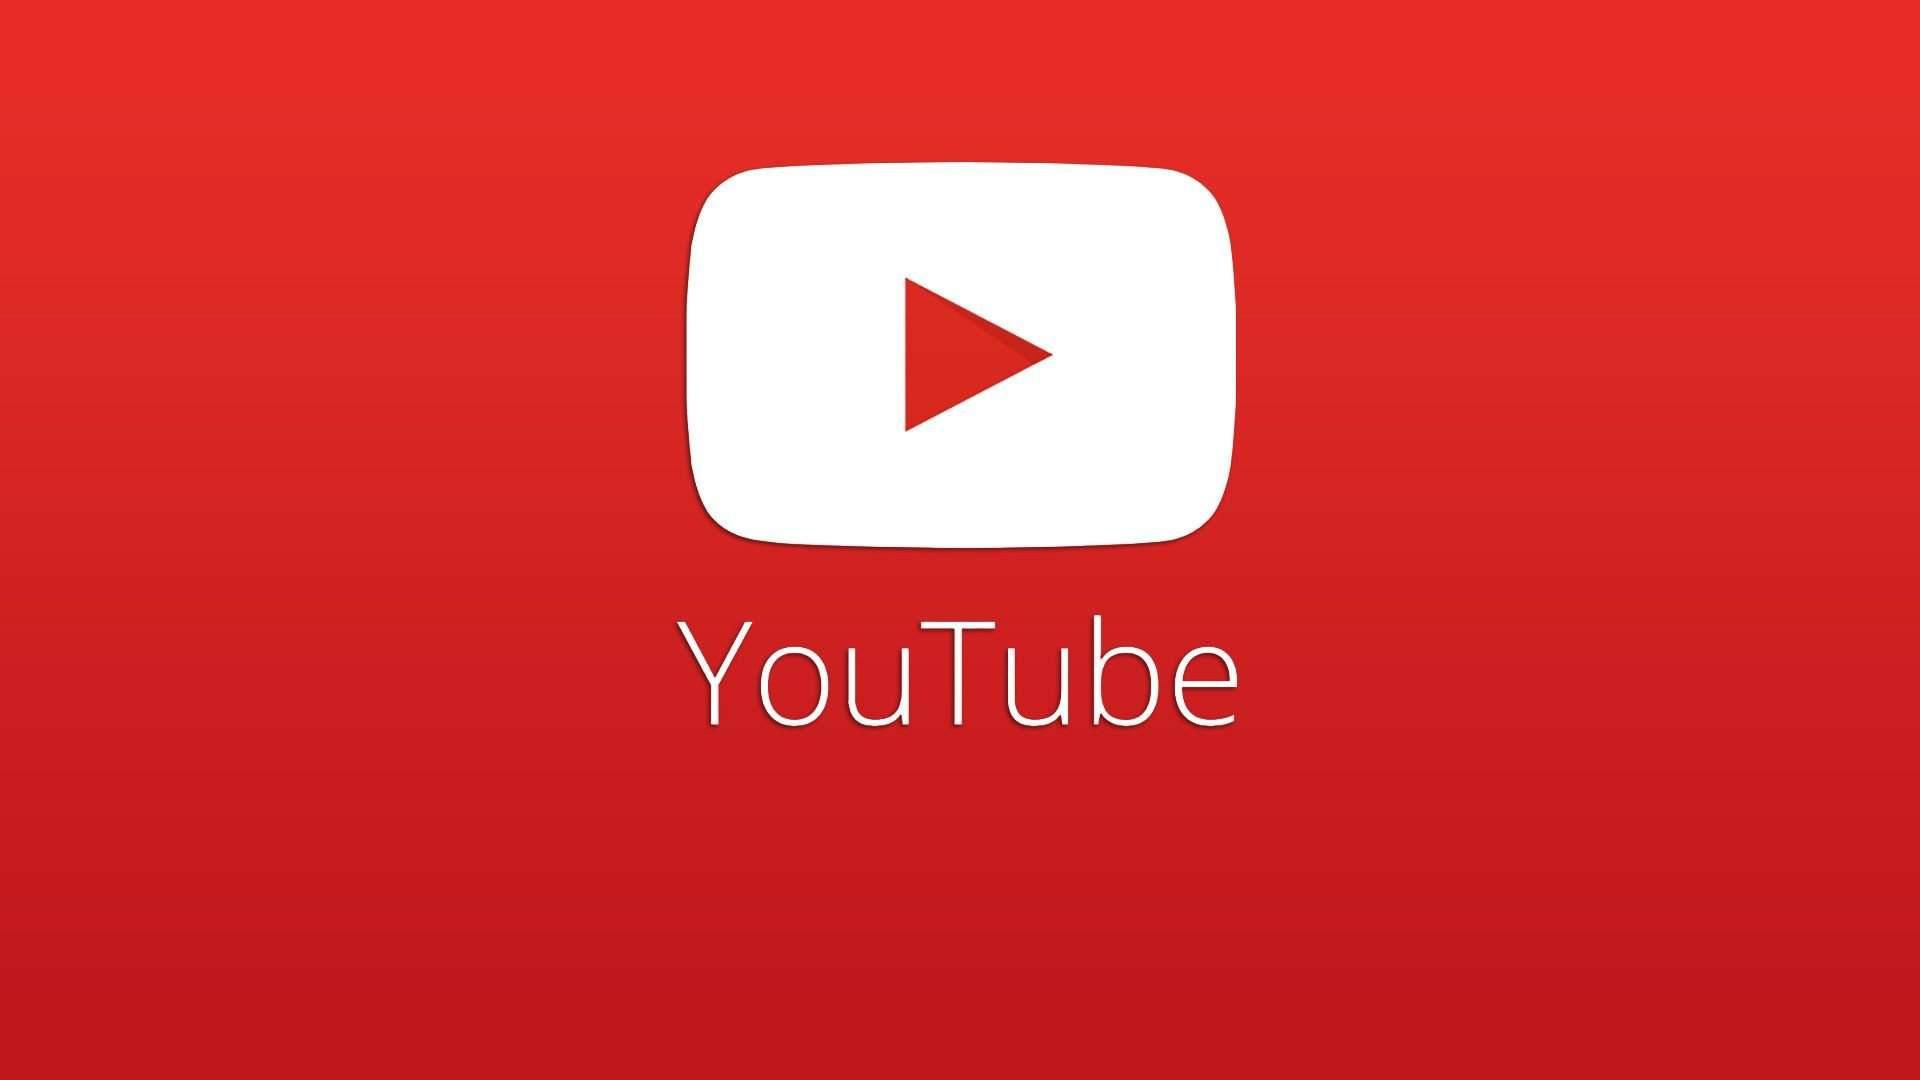 YouTube Video Üzerinde Çıkan Tüm Açıklamaları Engelleyin [Firefox]